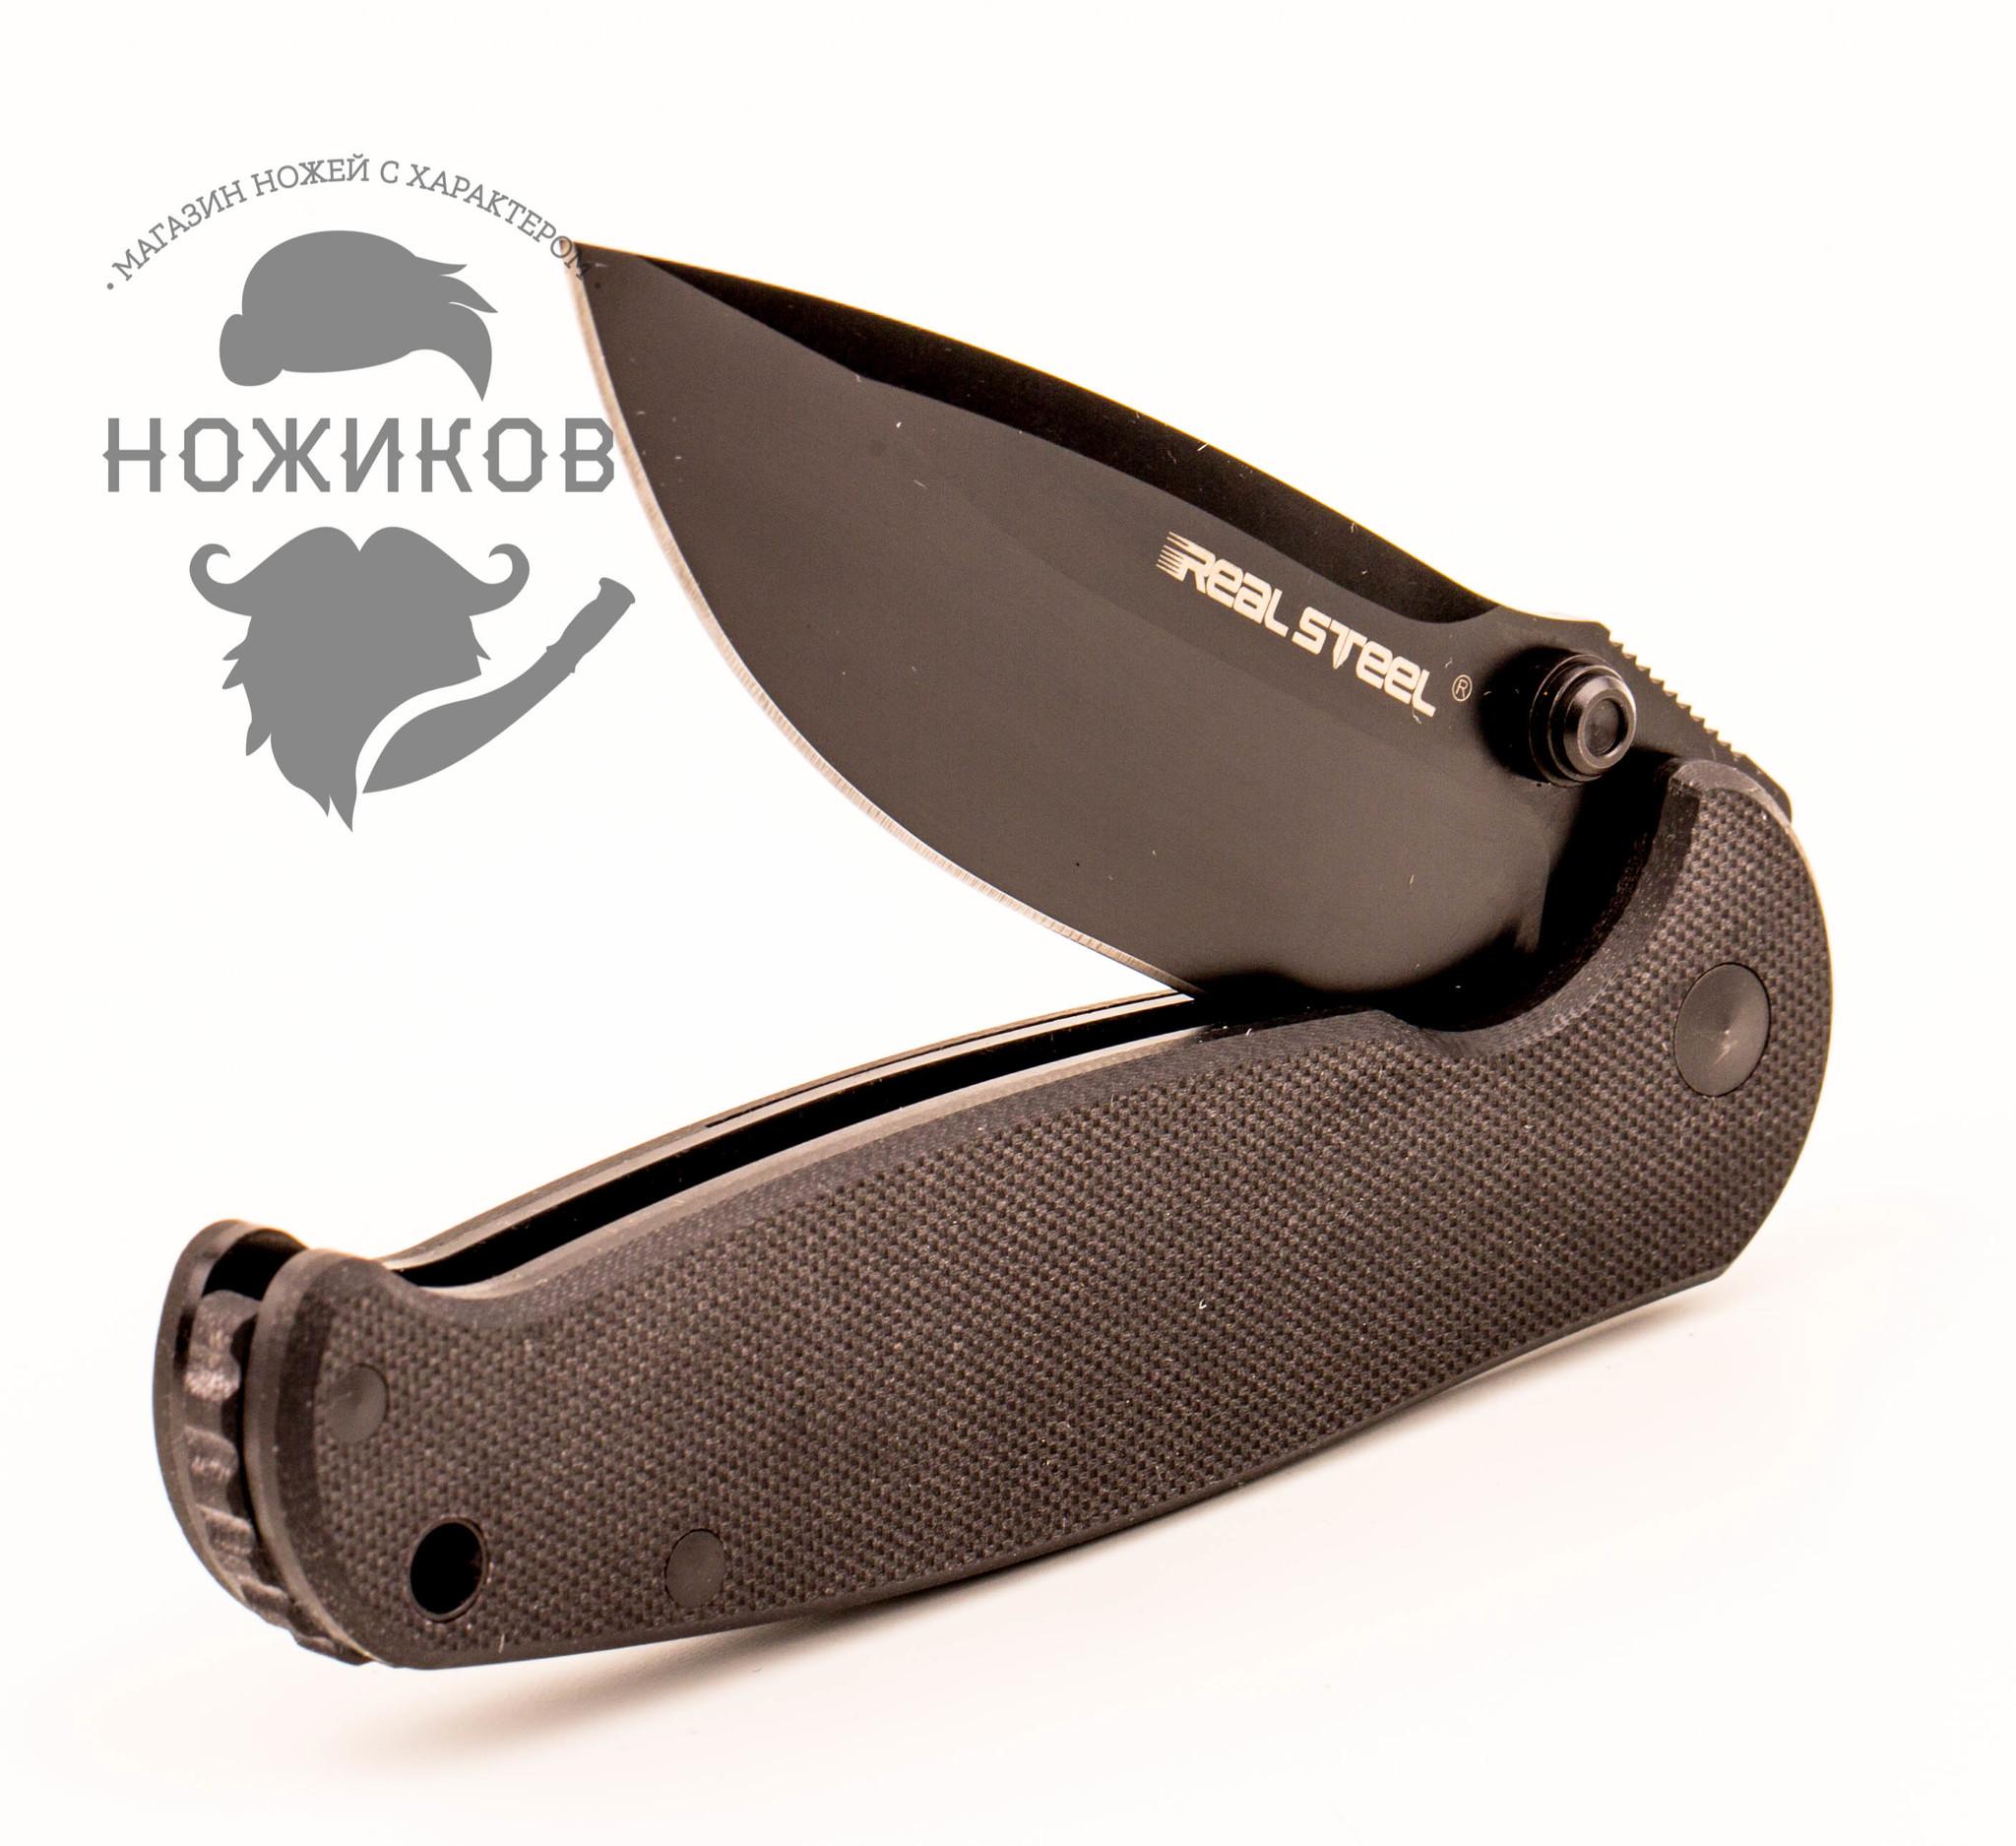 Фото 15 - Складной нож Blue Sheep, H6 All Black от Realsteel